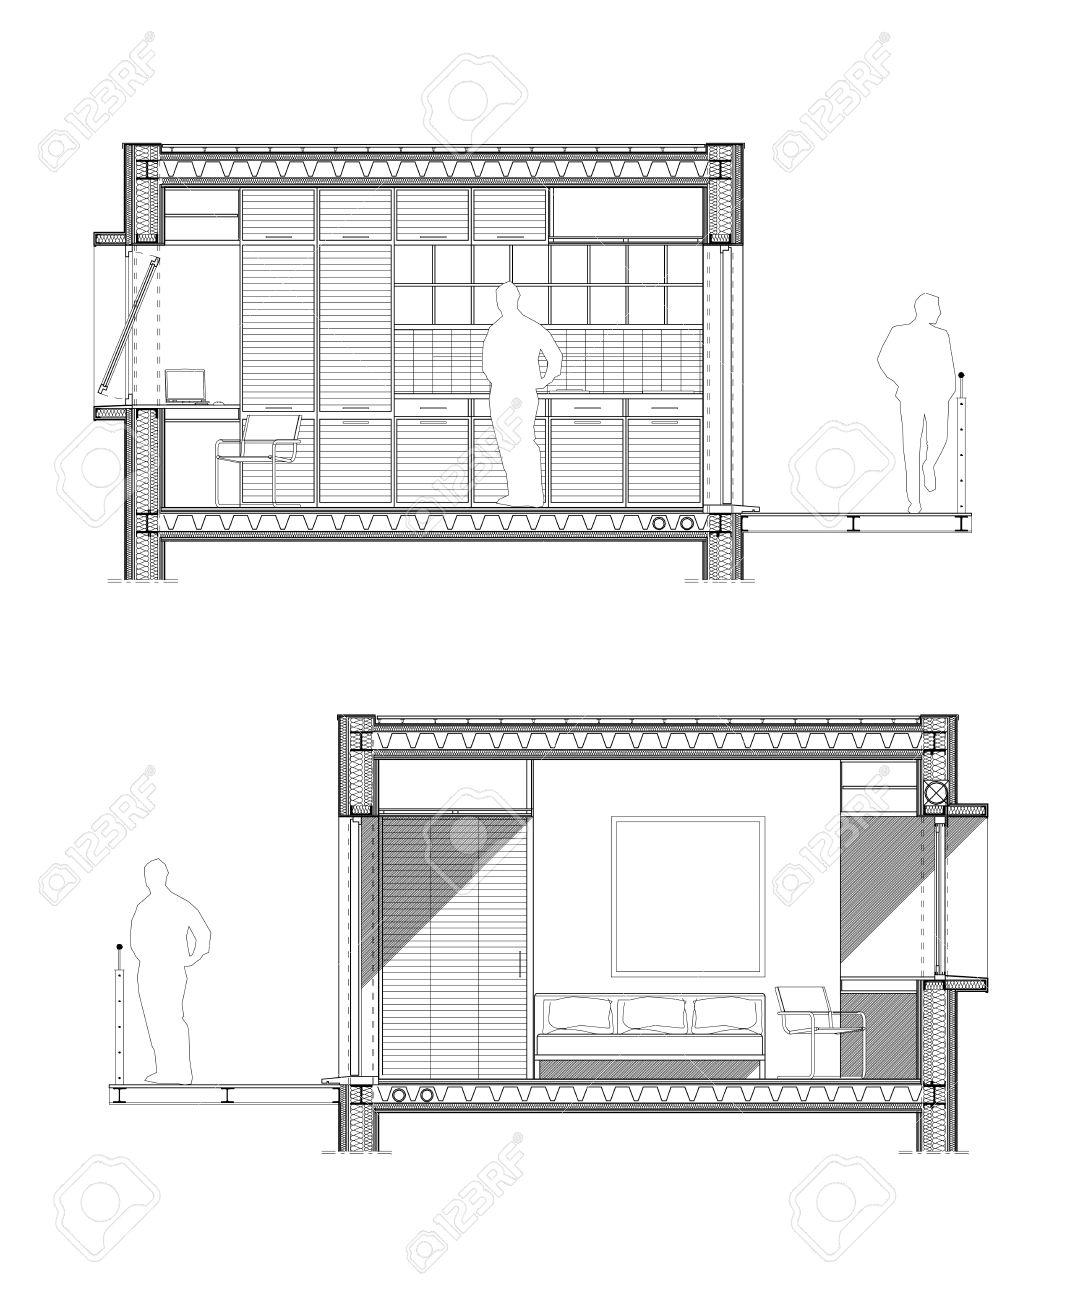 Dessin D\'architecte Technique D\'une Section D\'une Chambre D\'étudiant ...